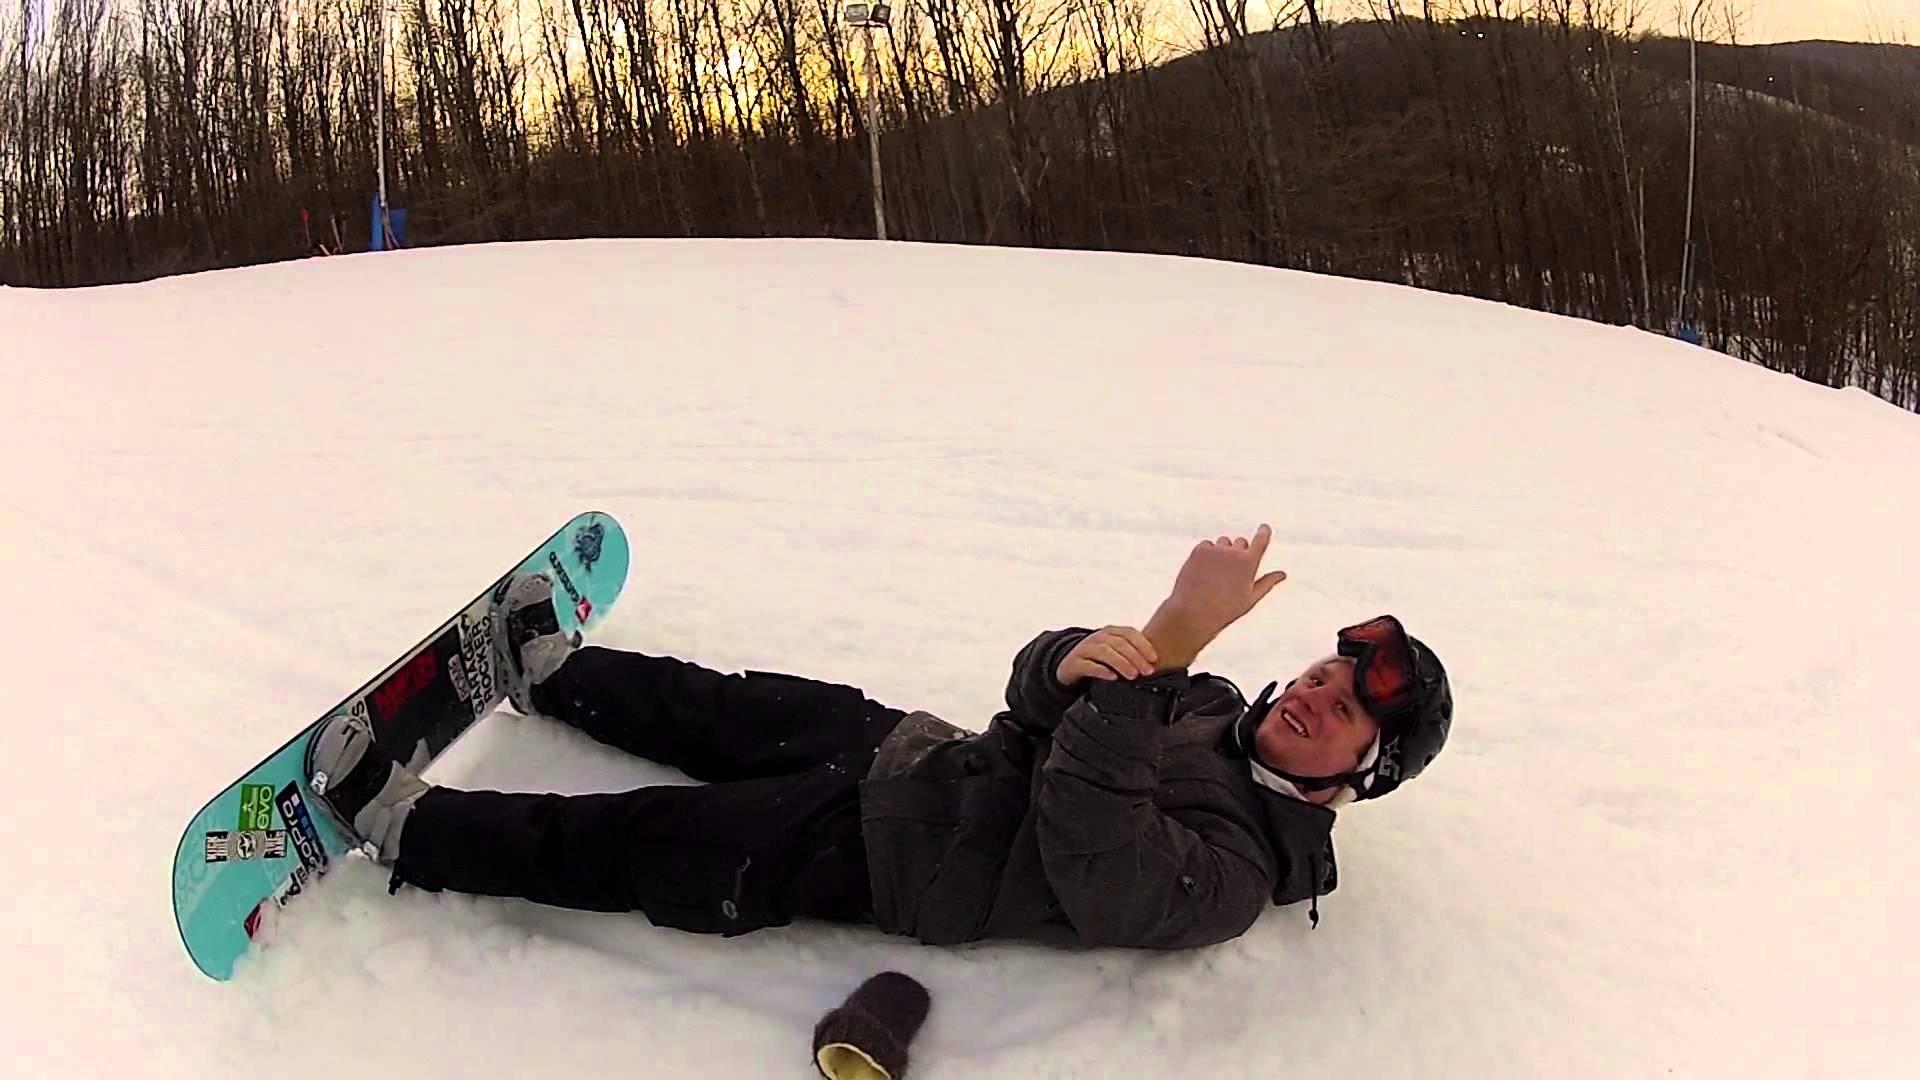 как делают фото на сноуборде